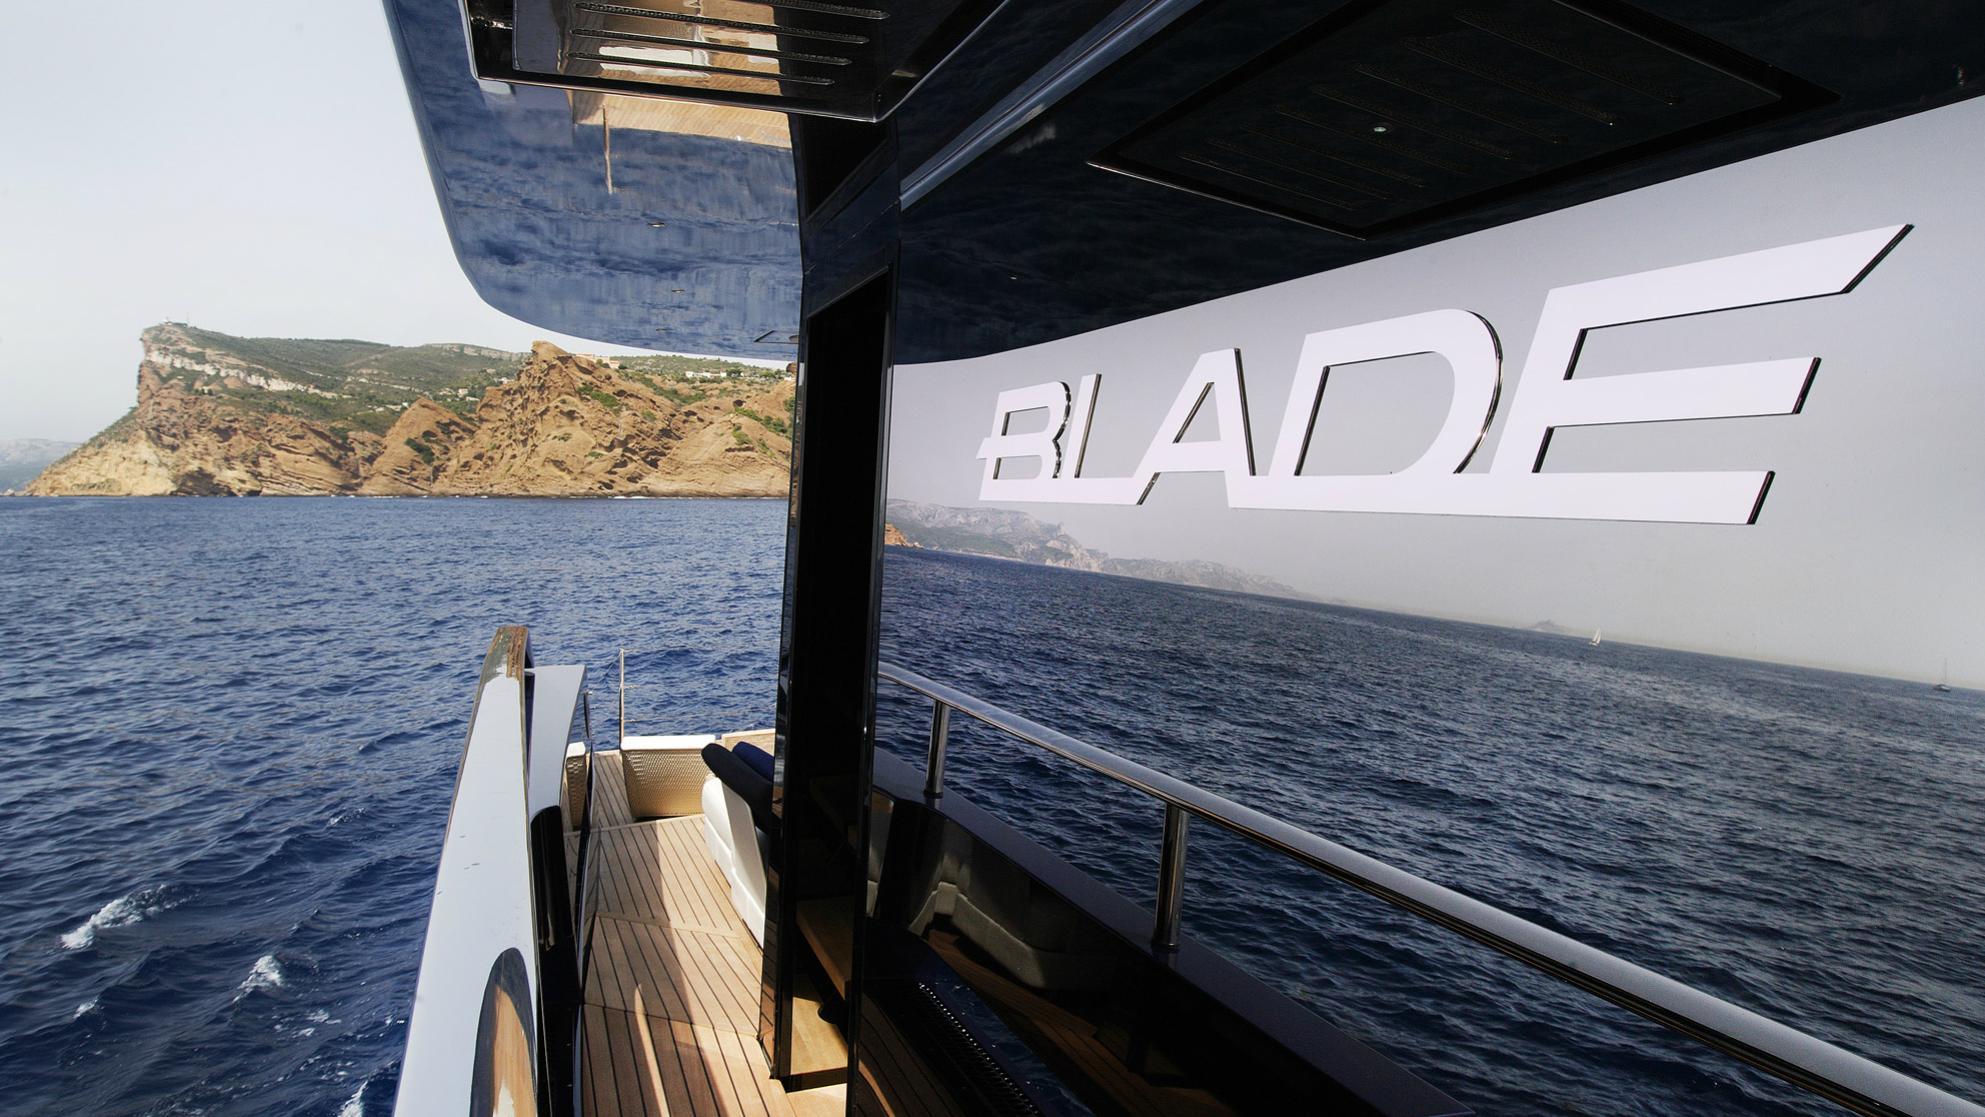 blade-motor-yacht-mmgi-2010-44m-name